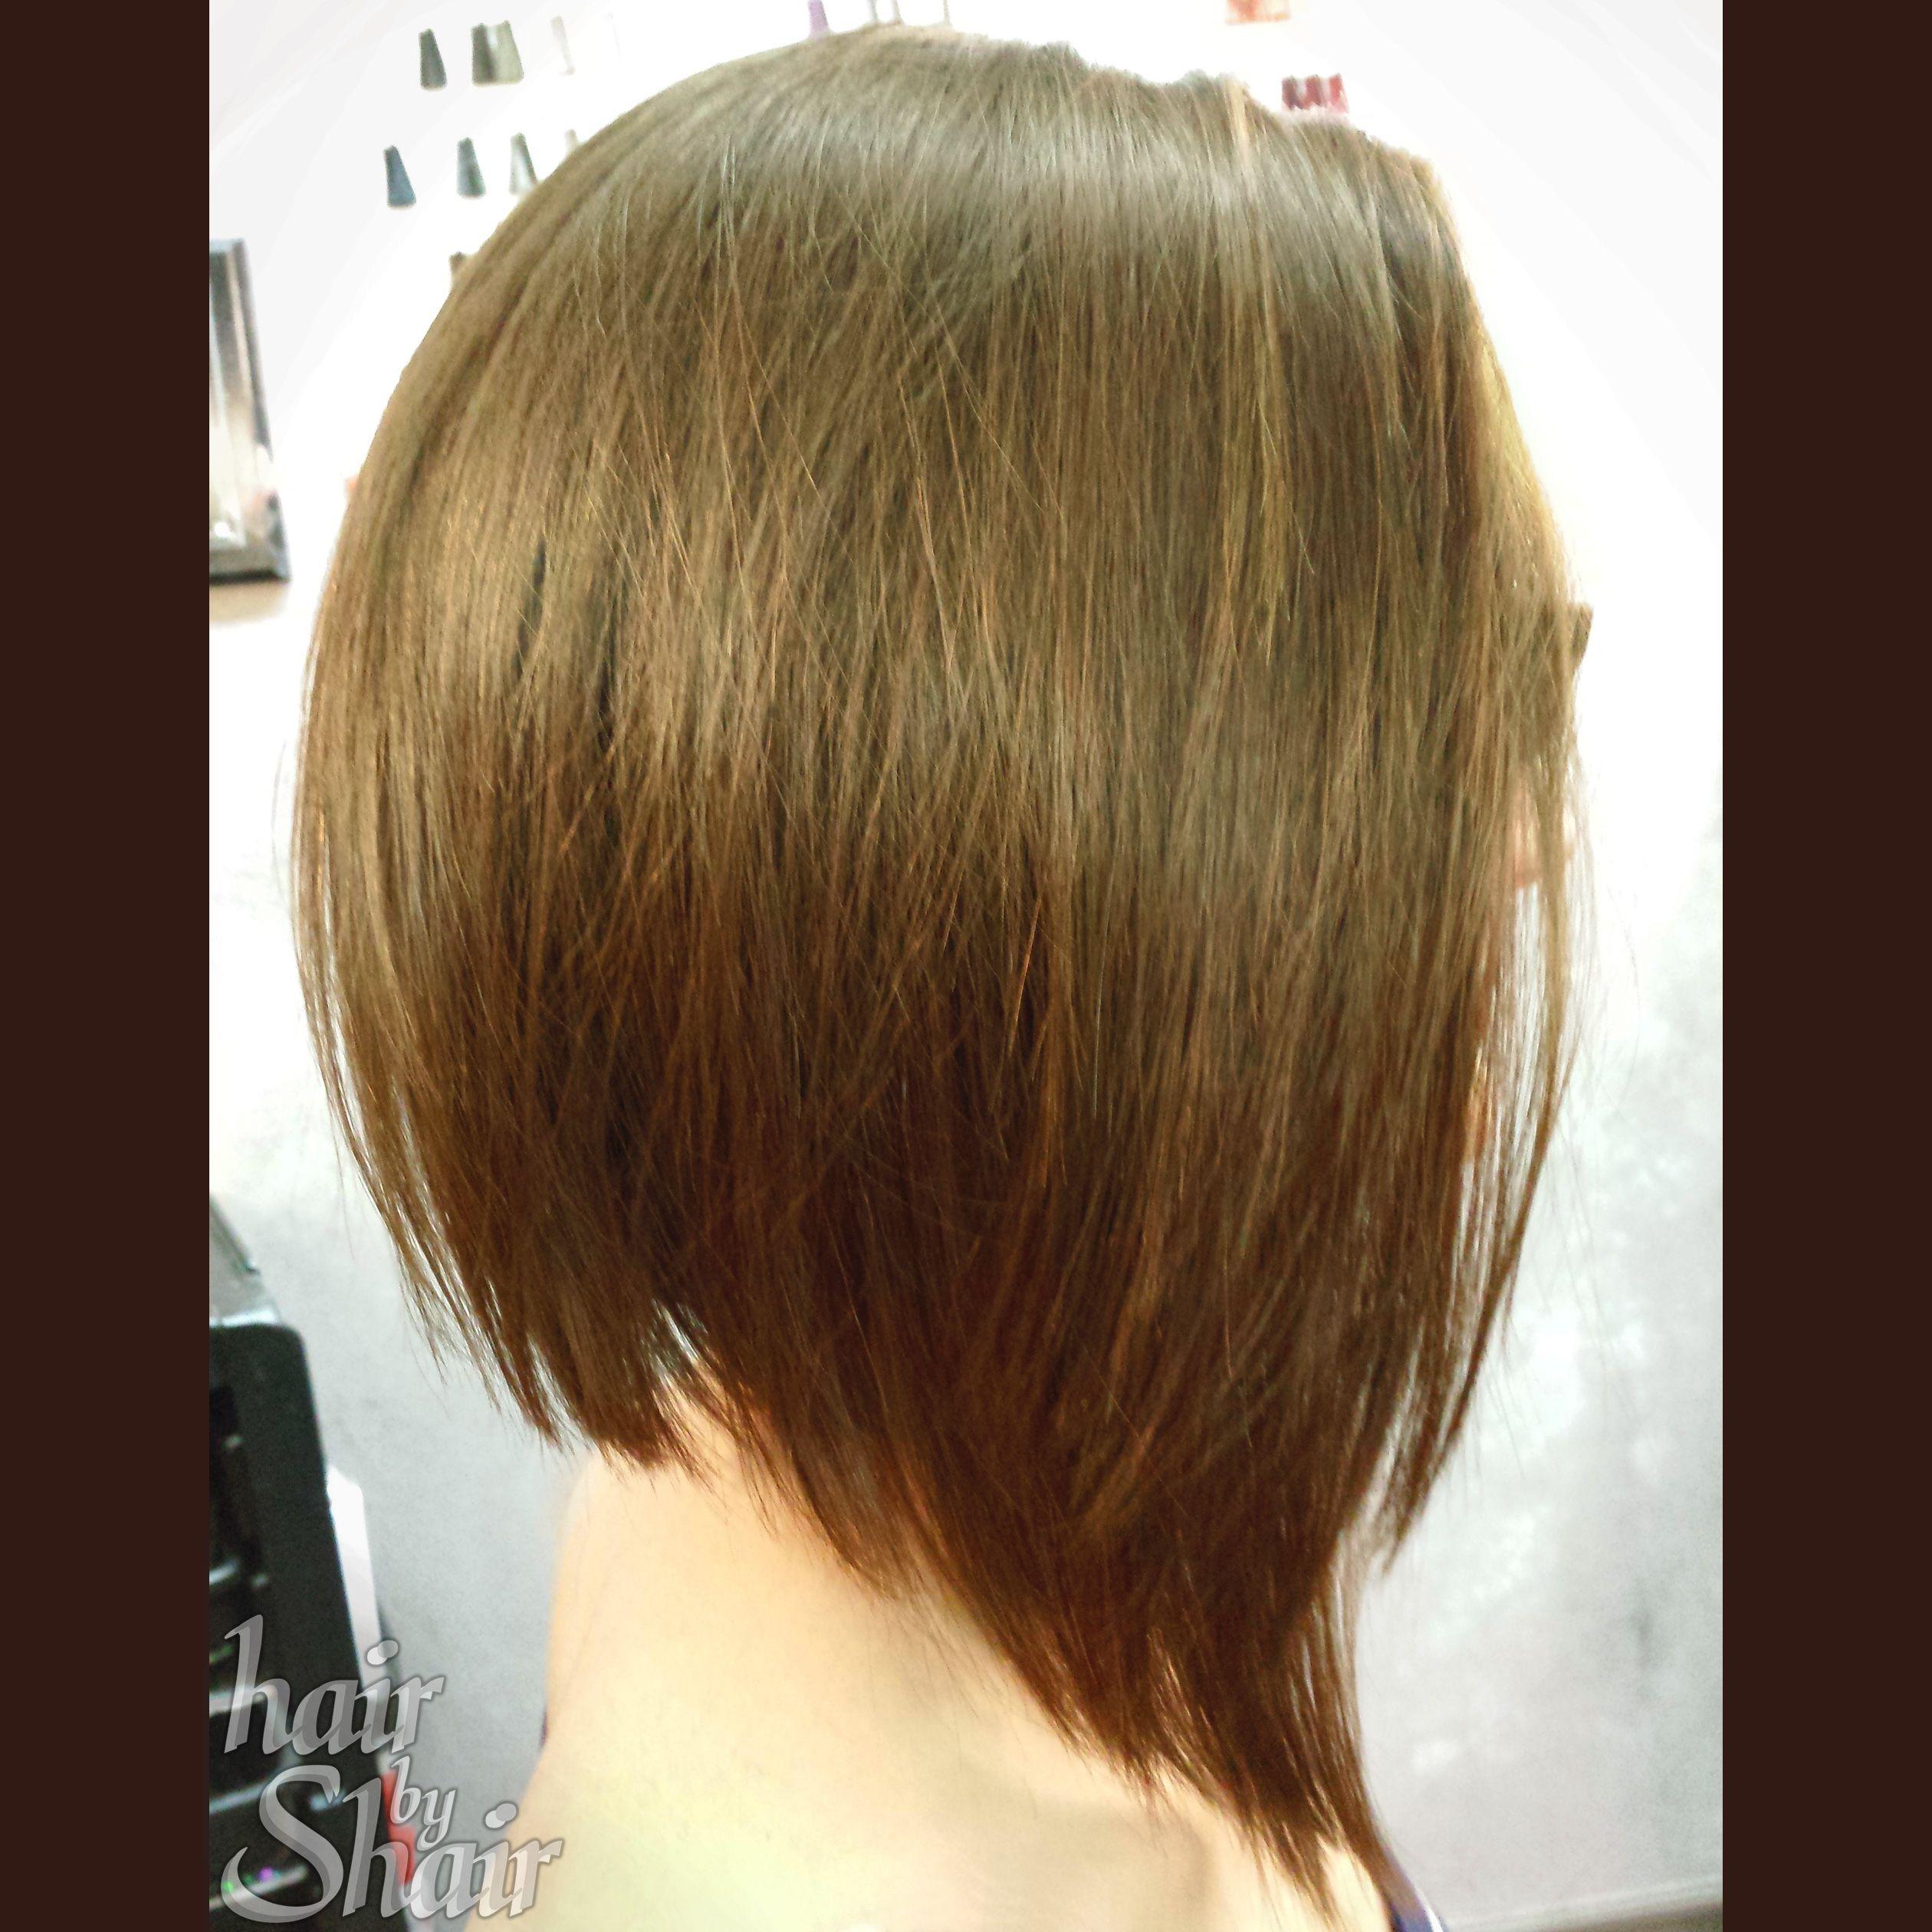 Aline Inverted Bobcut Dark Short Hair Haircut Choppy